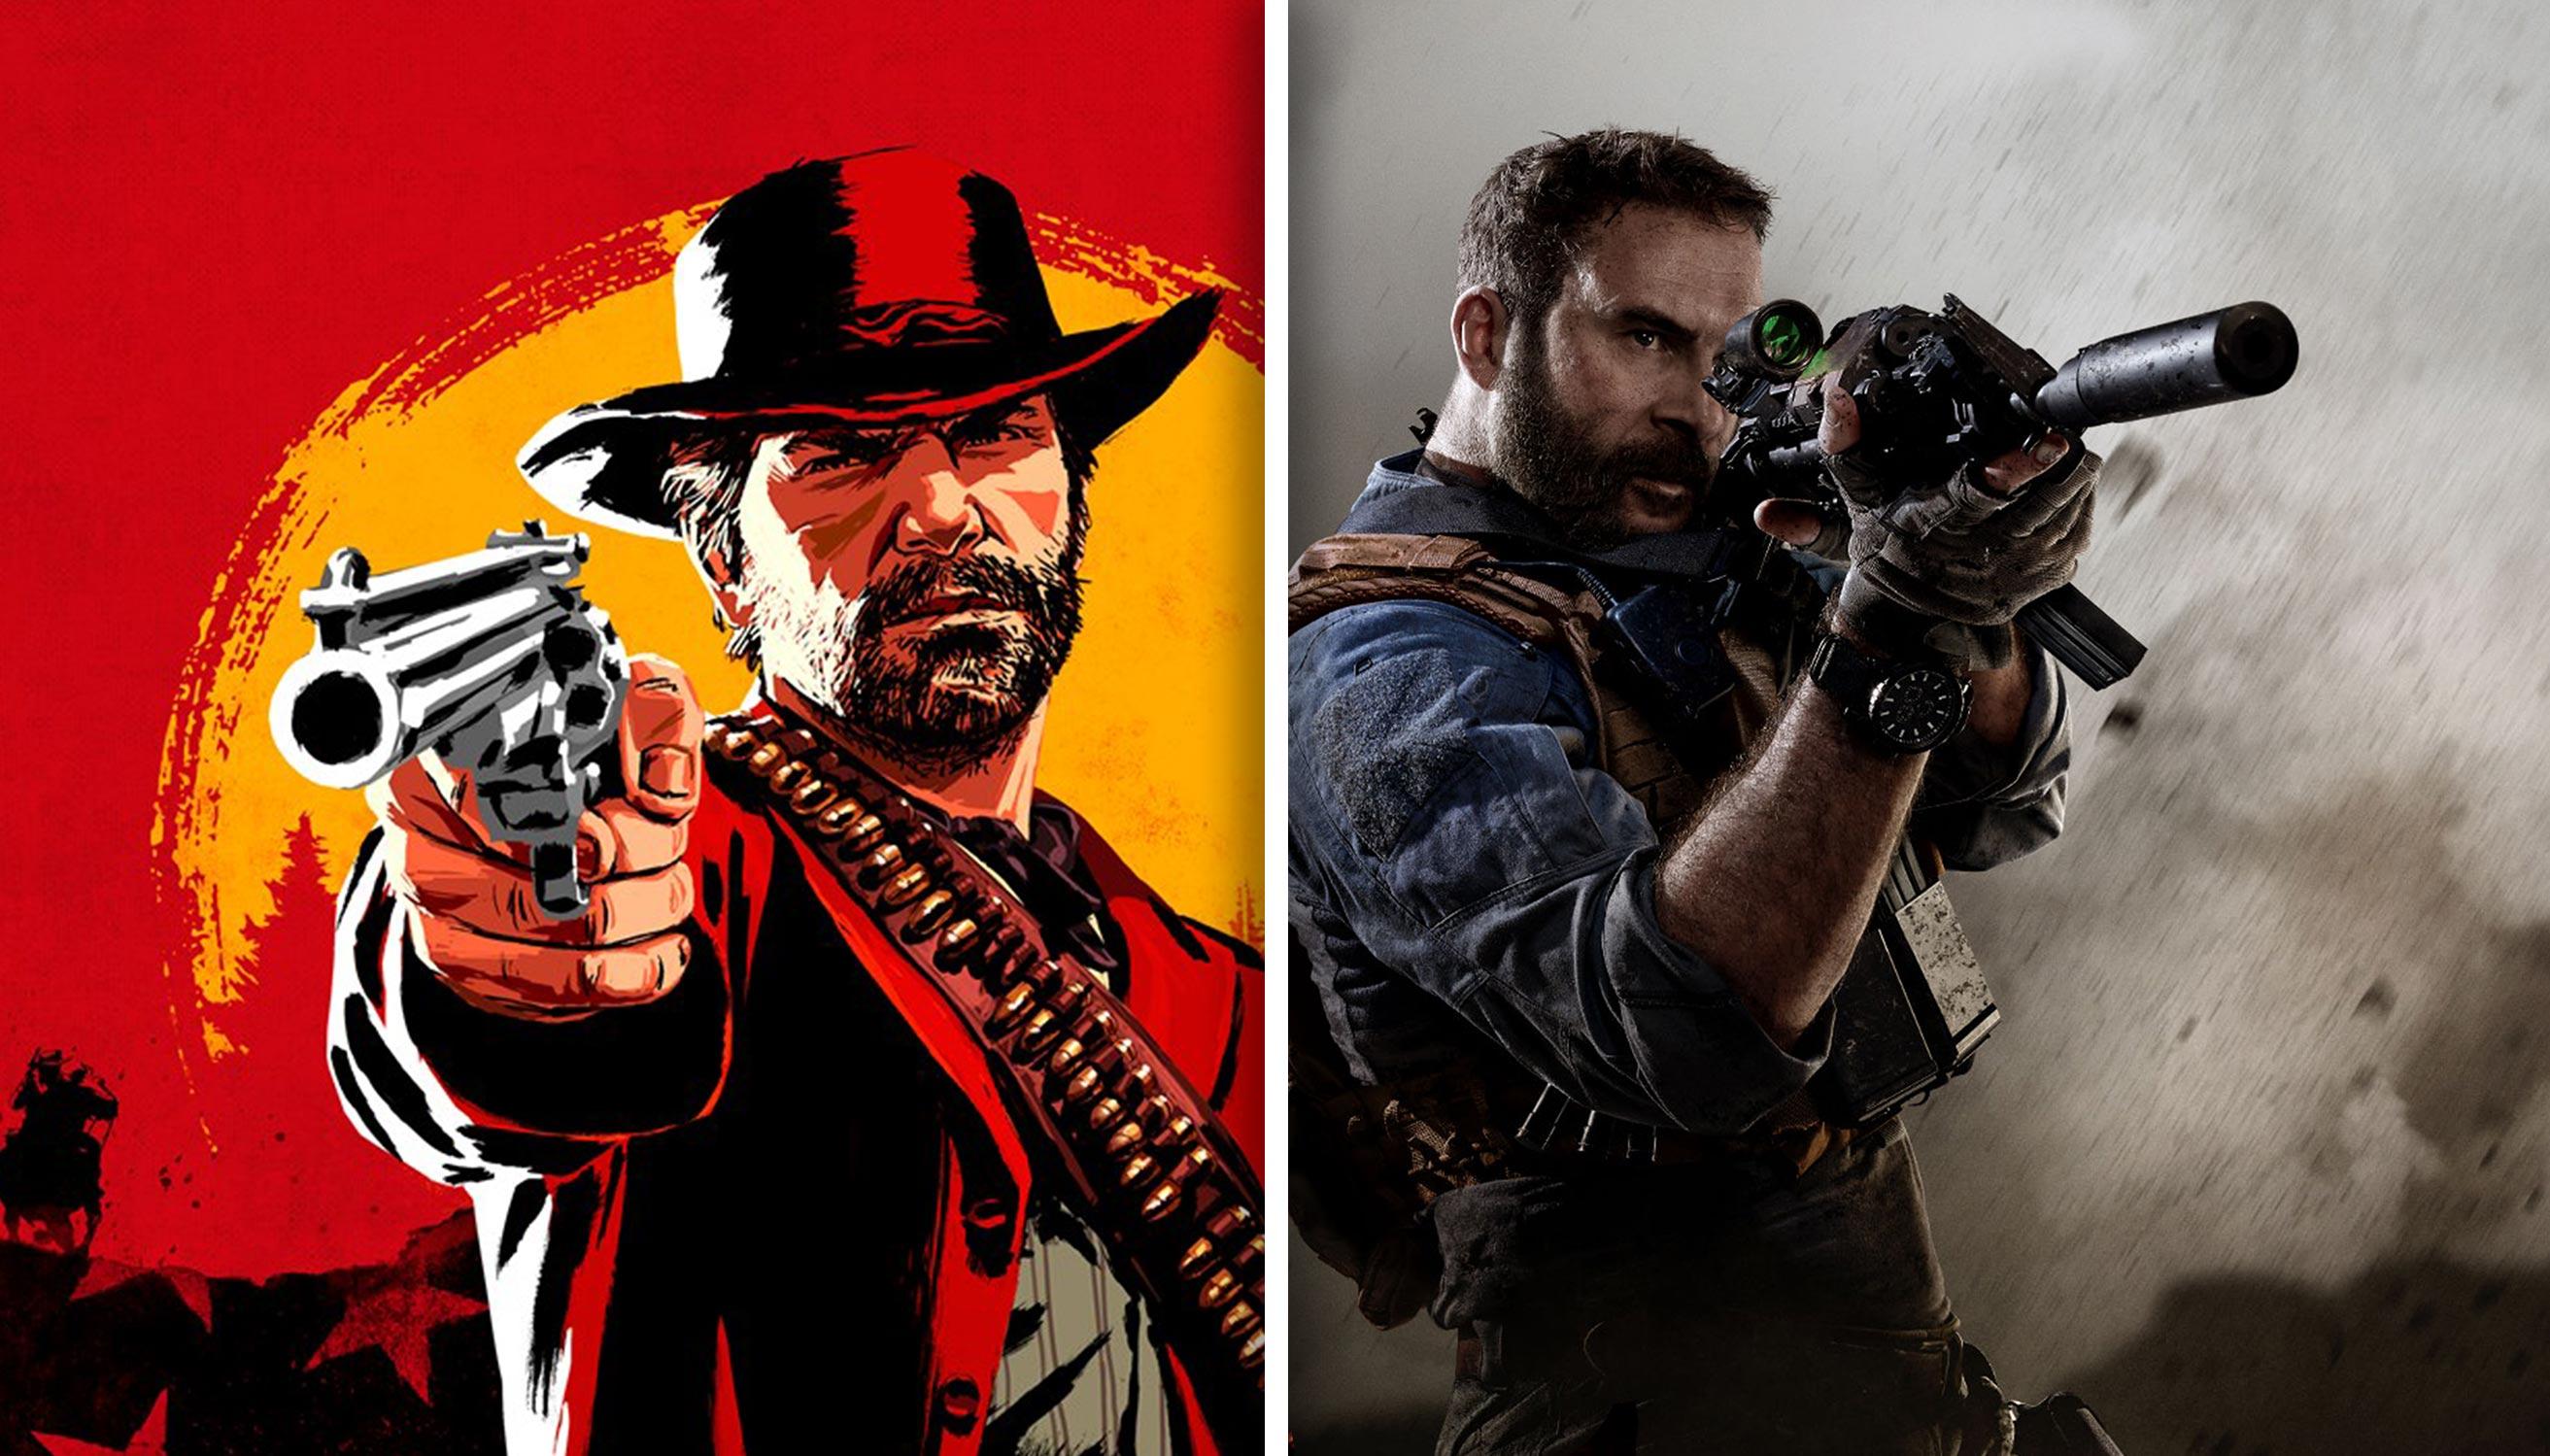 Poznaliśmy wymagania Red Dead Redemption II i Call of Duty: Modern Warfare - przygotujcie duuuużo miejsca na dysku 23